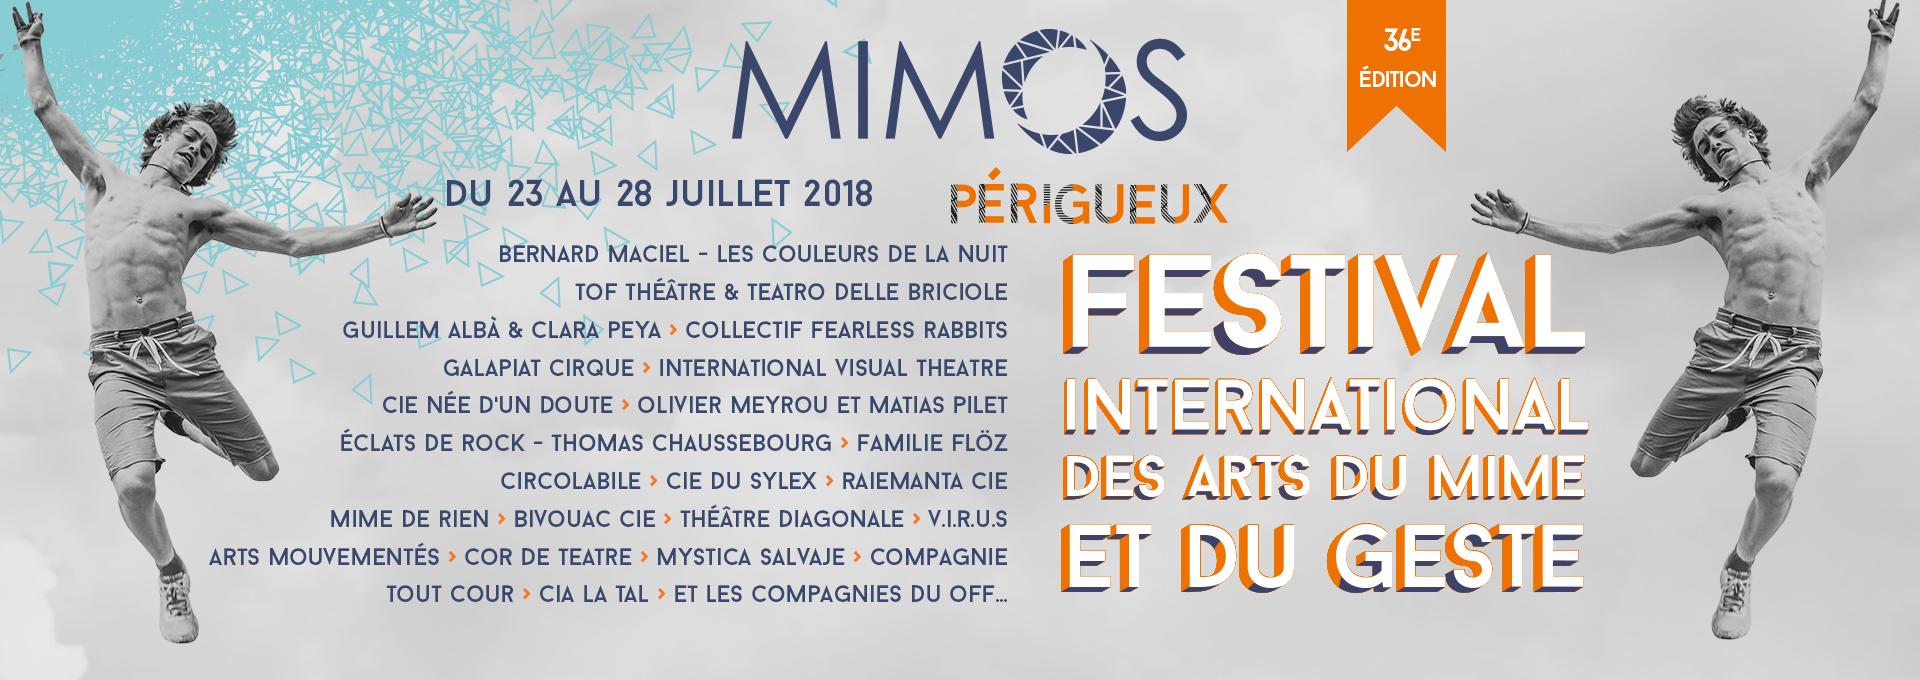 Mimos 2017